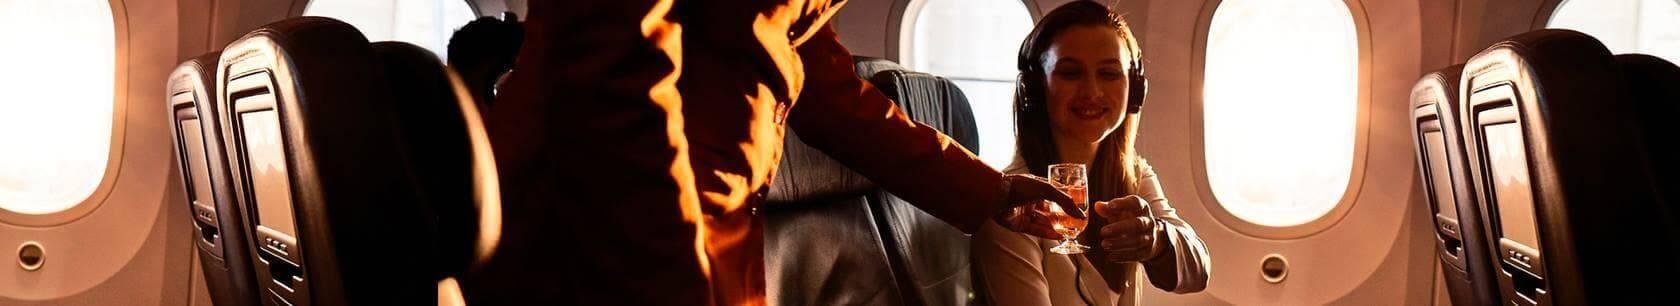 Jetstar Business Class Sitze